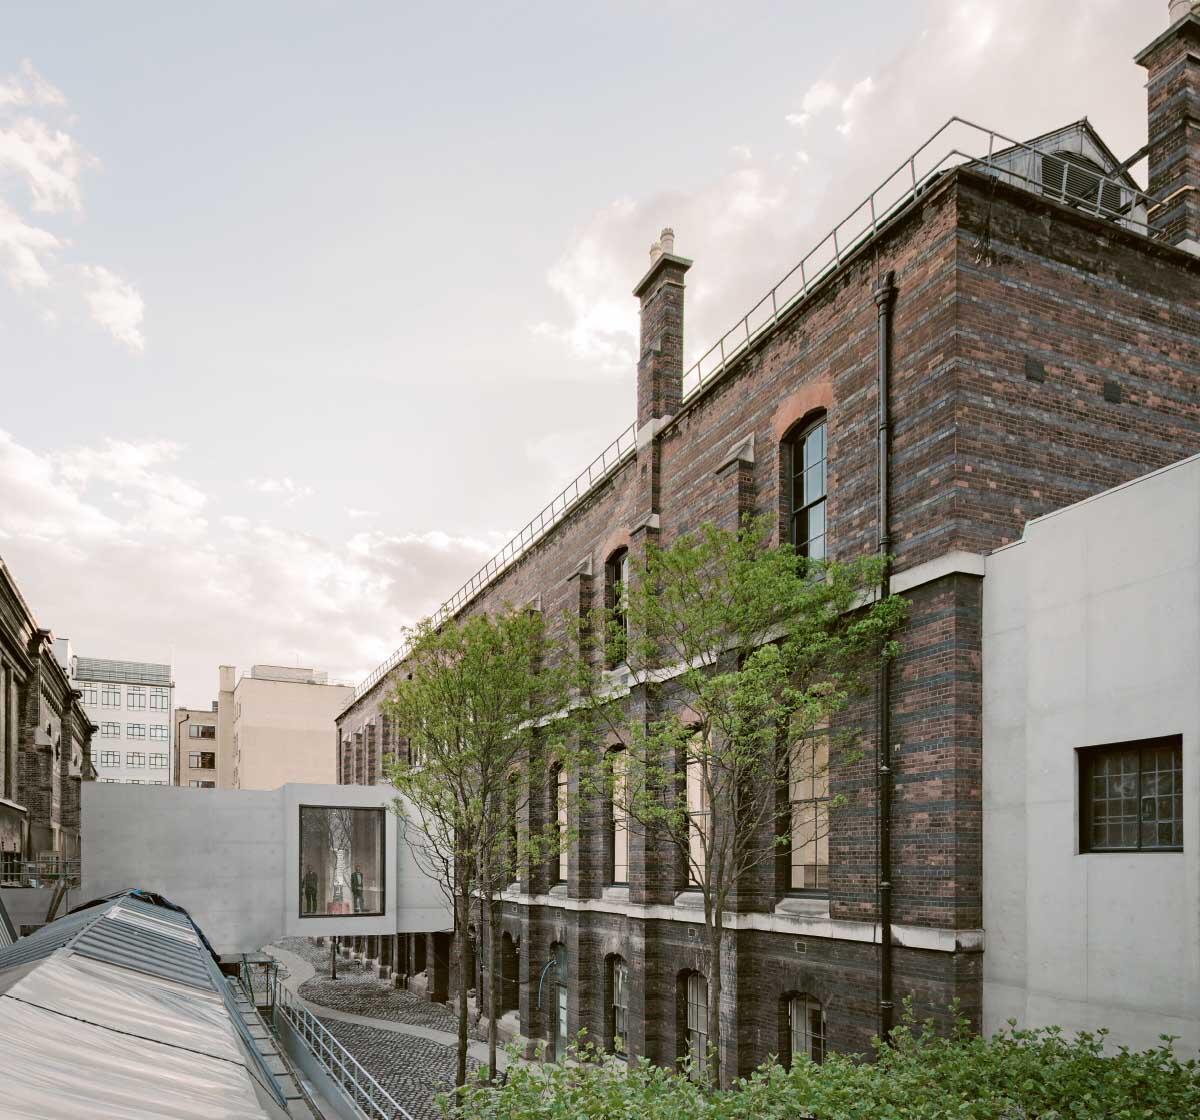 Die Brücke aus hellem Beton verbindet die Rückseiten von Burlington House und Burlington Gardens (rechts) quer über die Ateliers der Royal Academy hinweg. Im seitlichen Anbau wurde der British Academy Room der Universität wieder eingebaut. Bild: Achim Menges